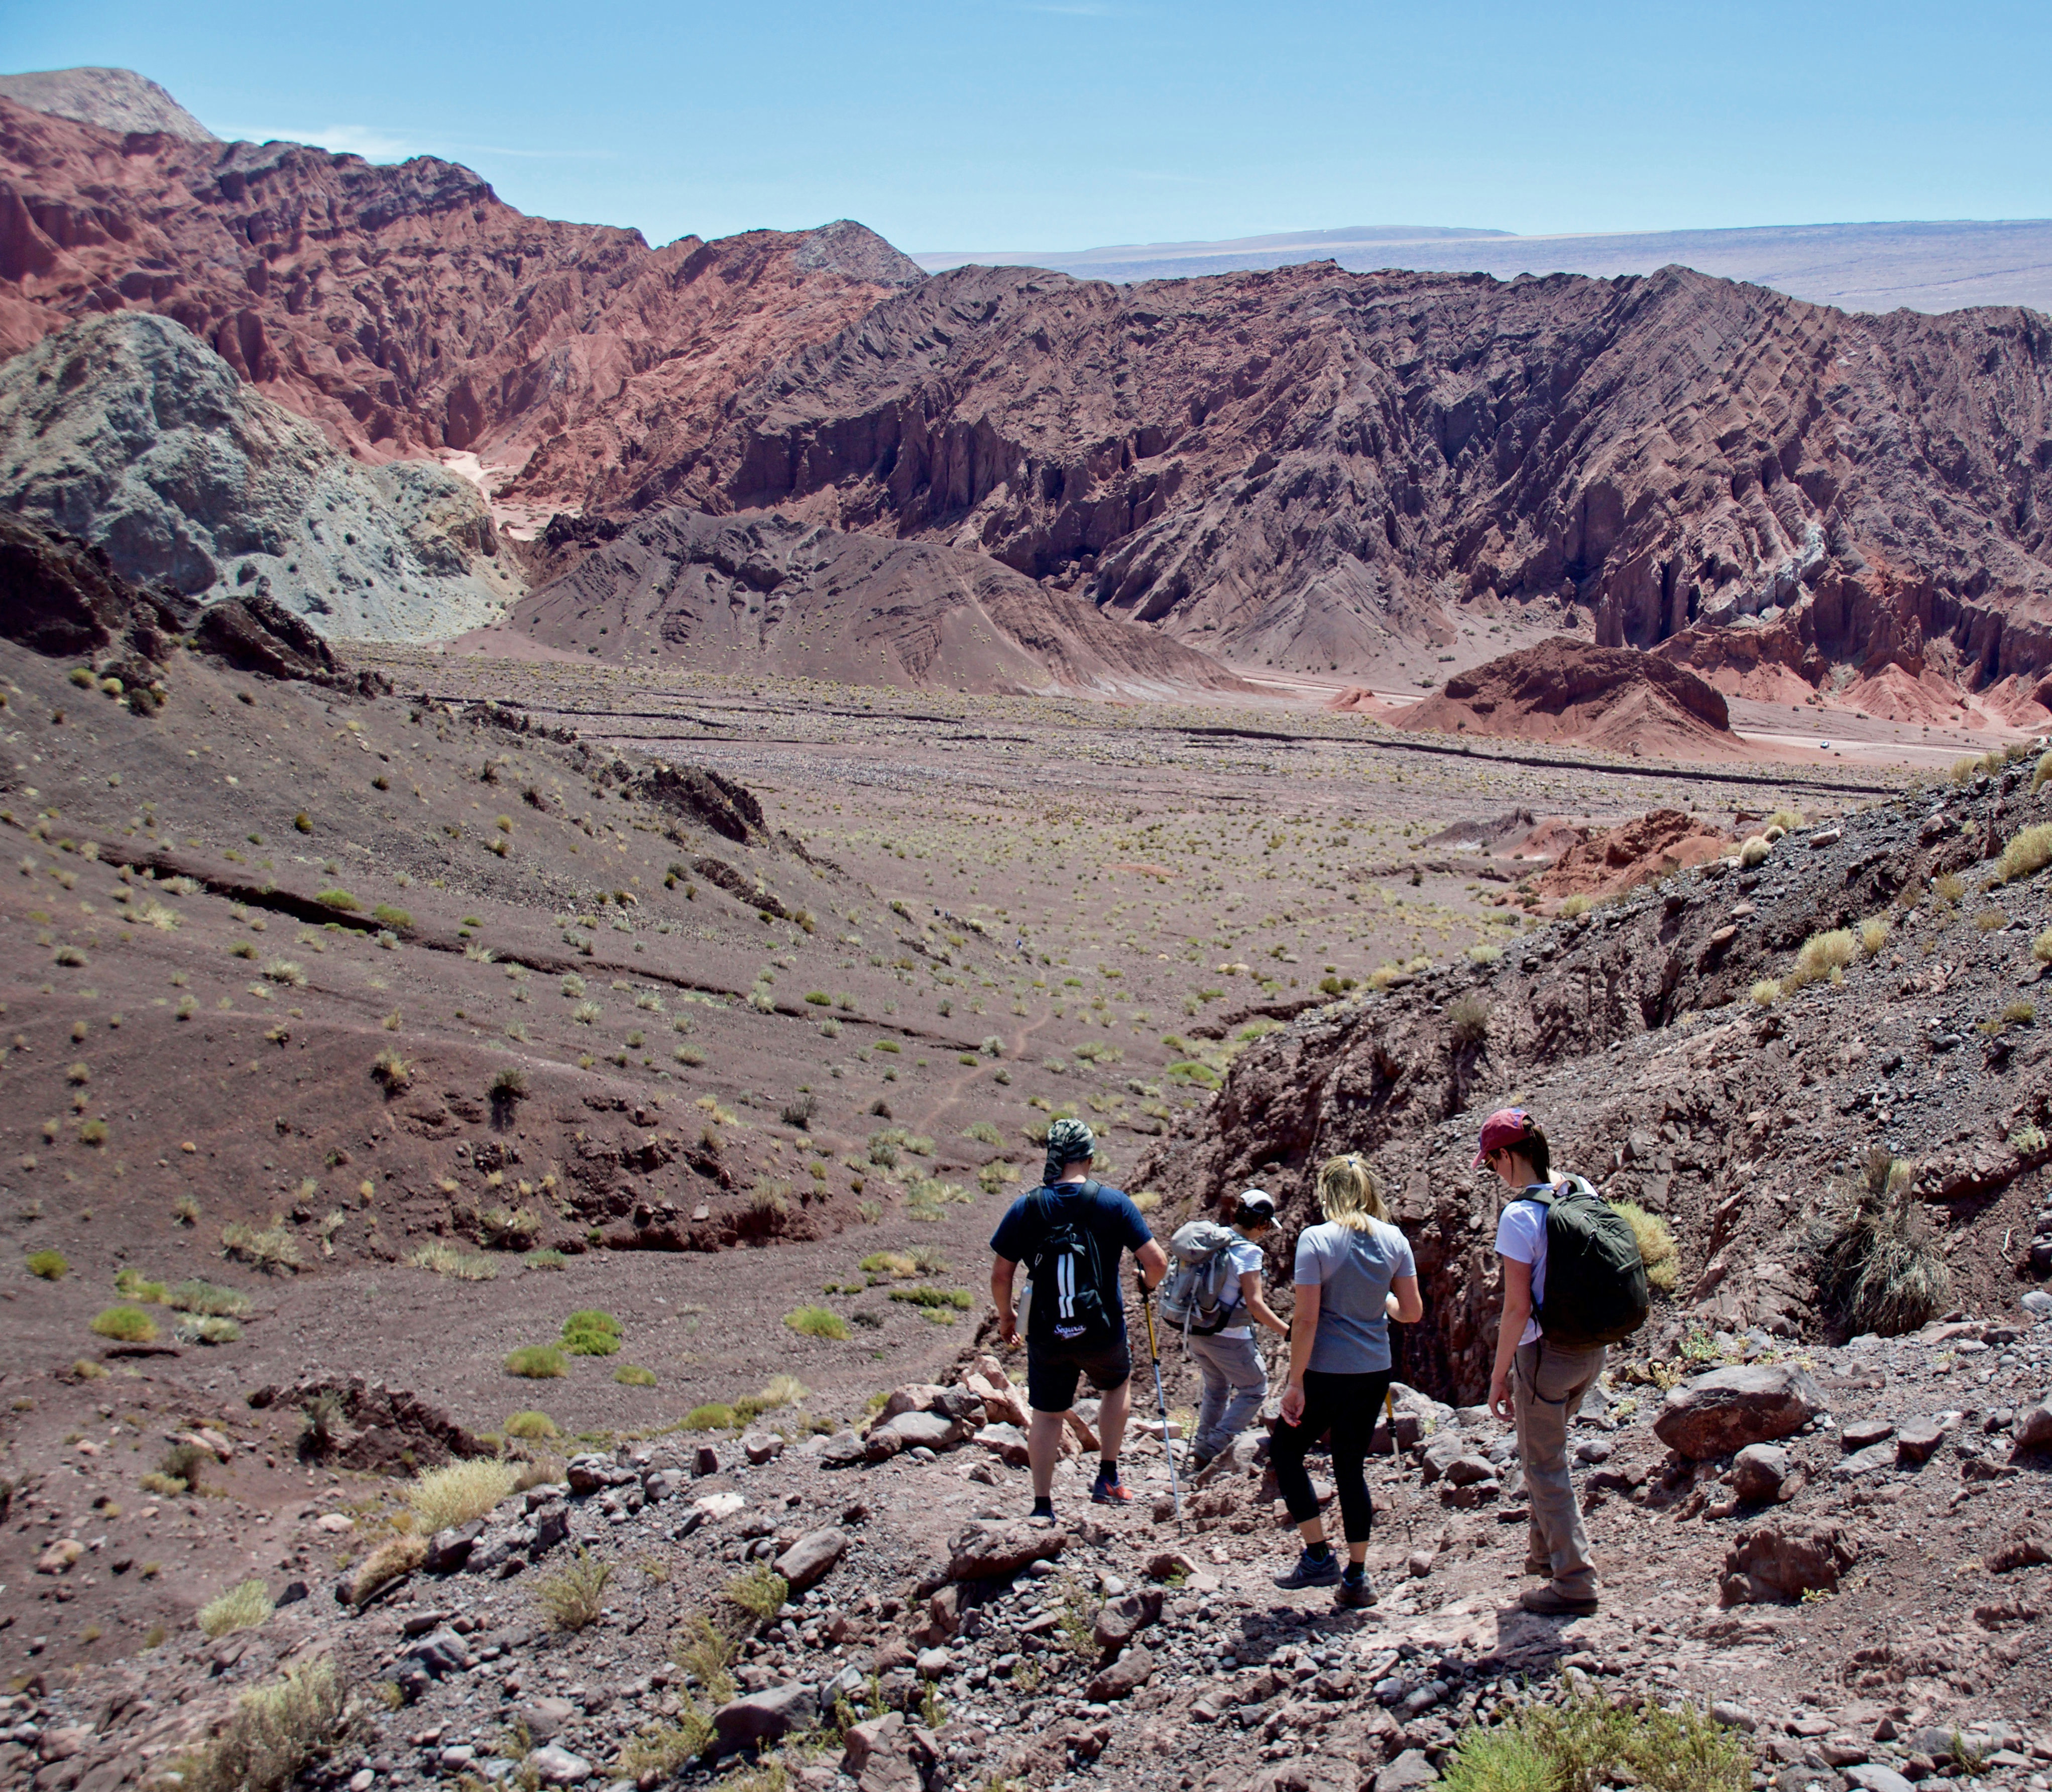 Demeyer Helen Atacamawoestijn Chili Reizen3